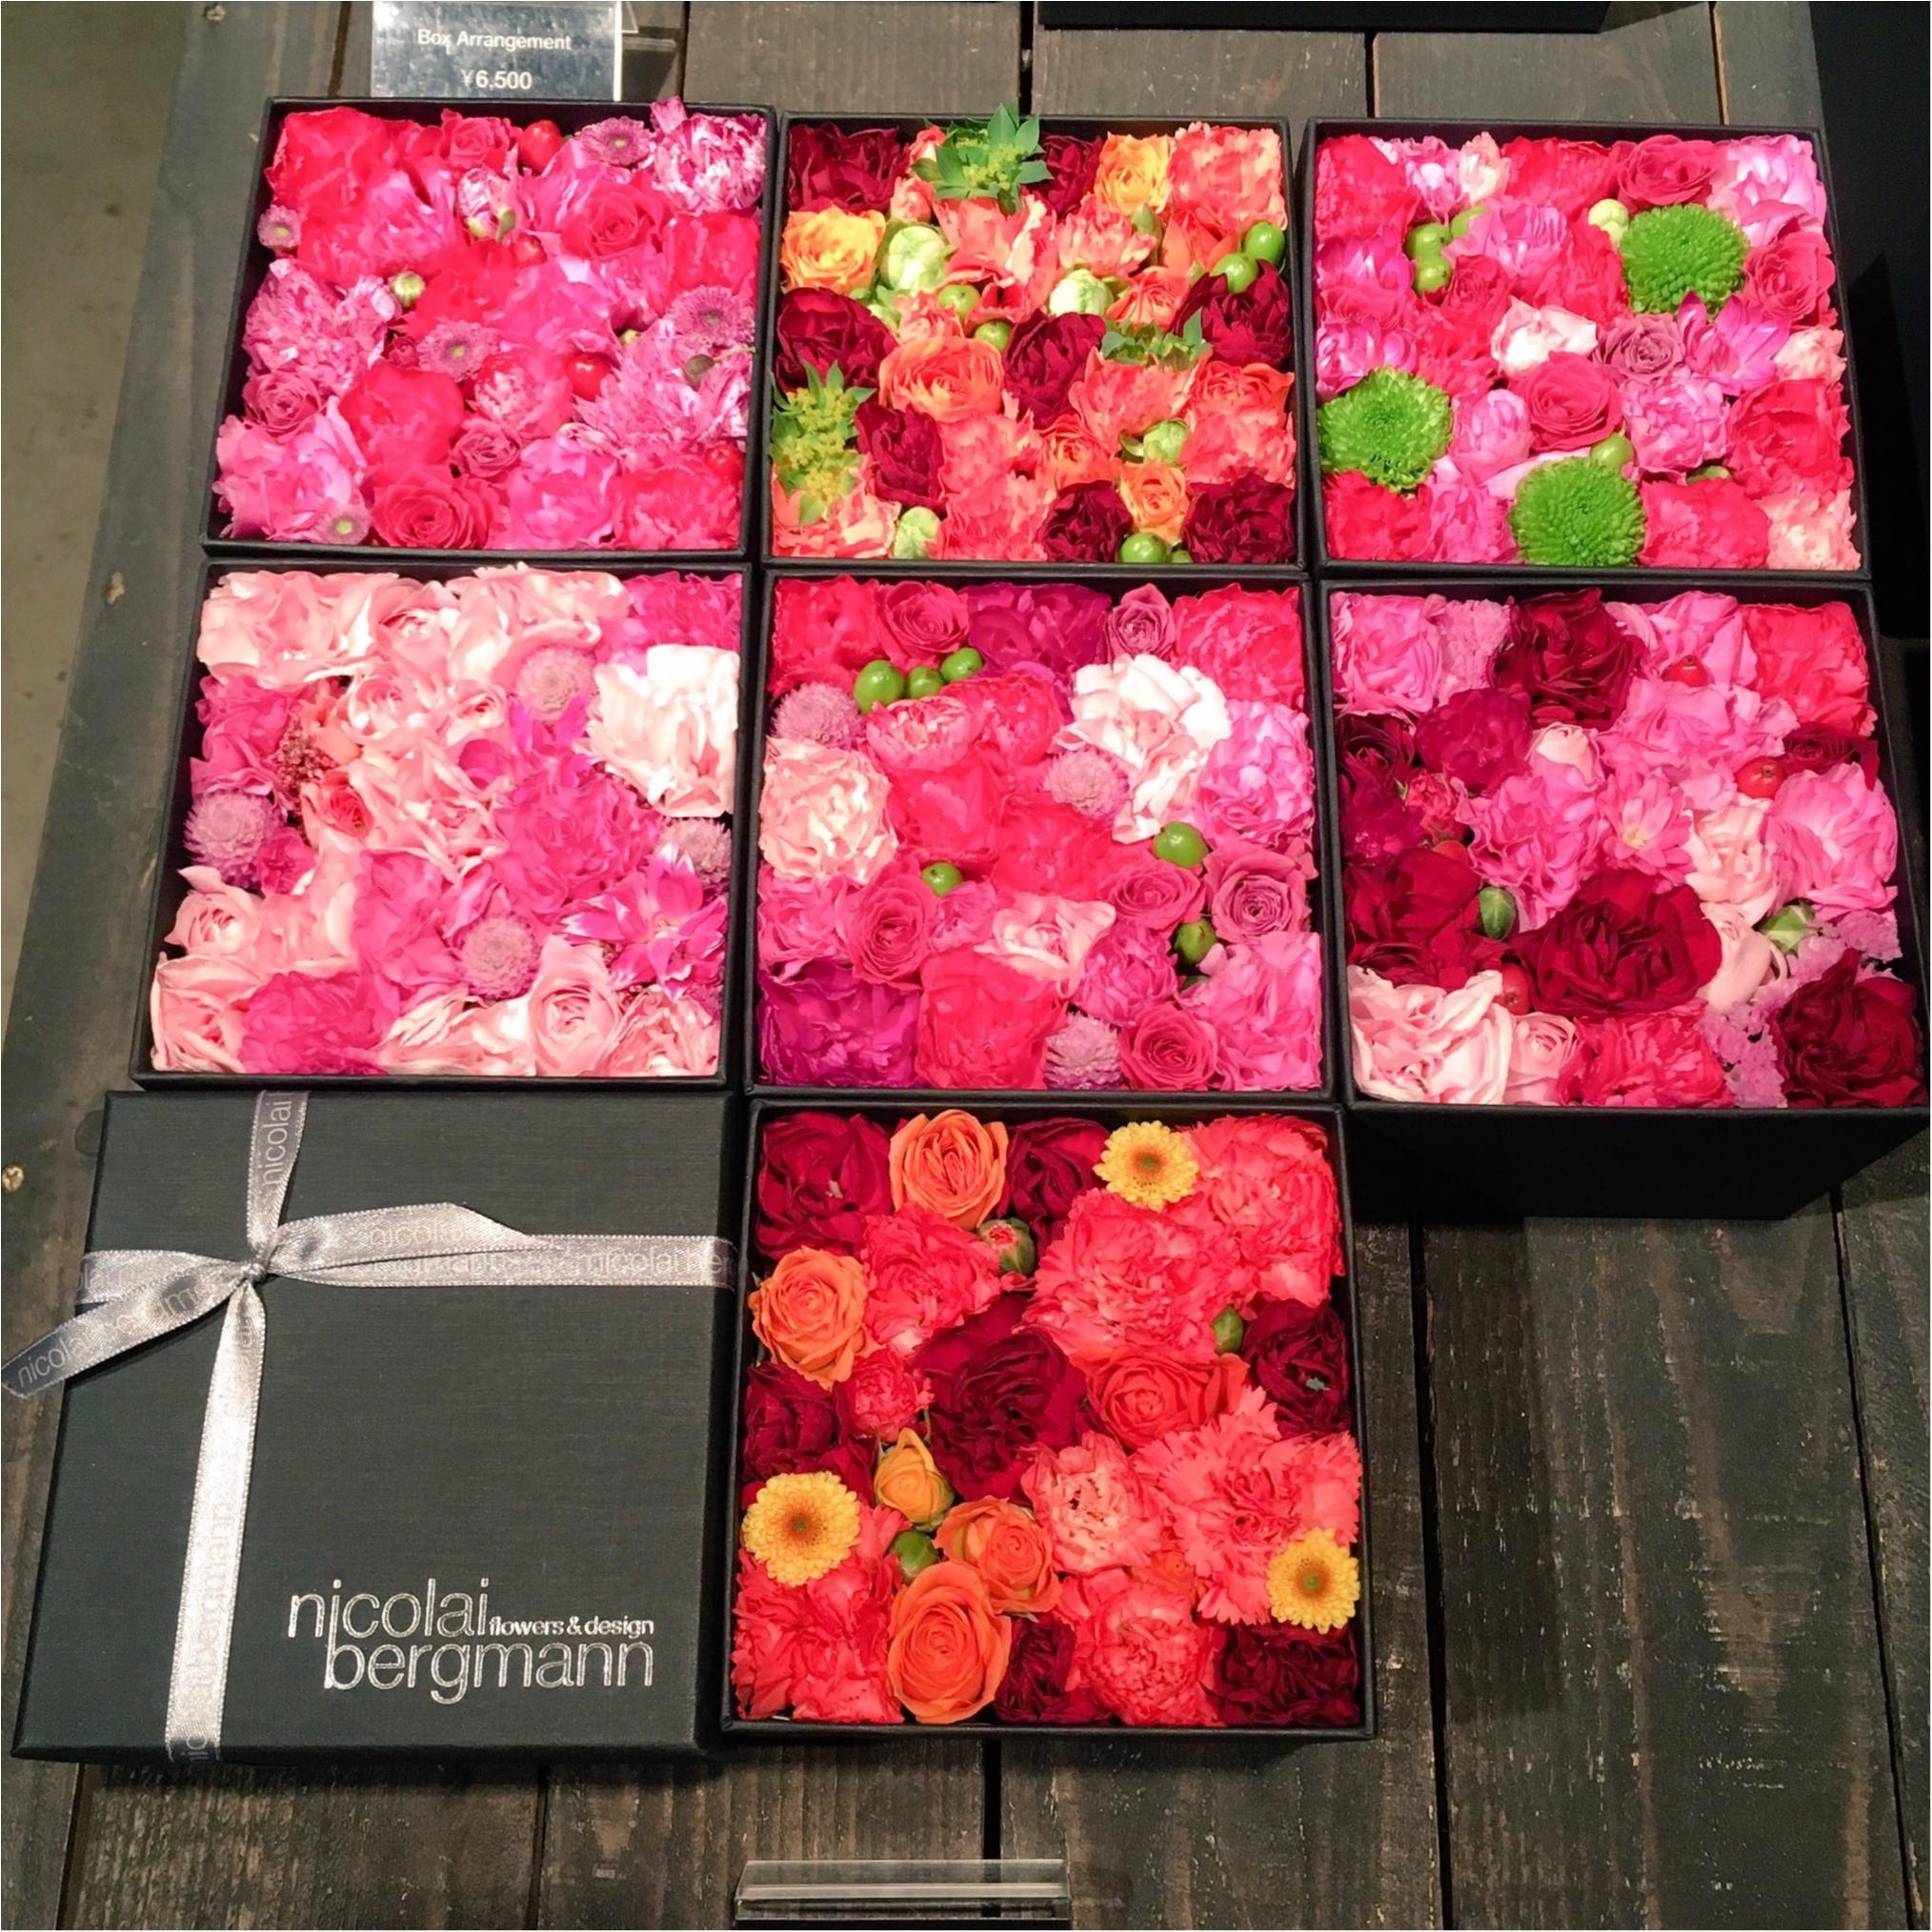 SNS映え確実♡南青山『ニコライバーグマン ノム』でお花に囲まれながら優雅なティータイムを…(﹡´◡`﹡ )_3